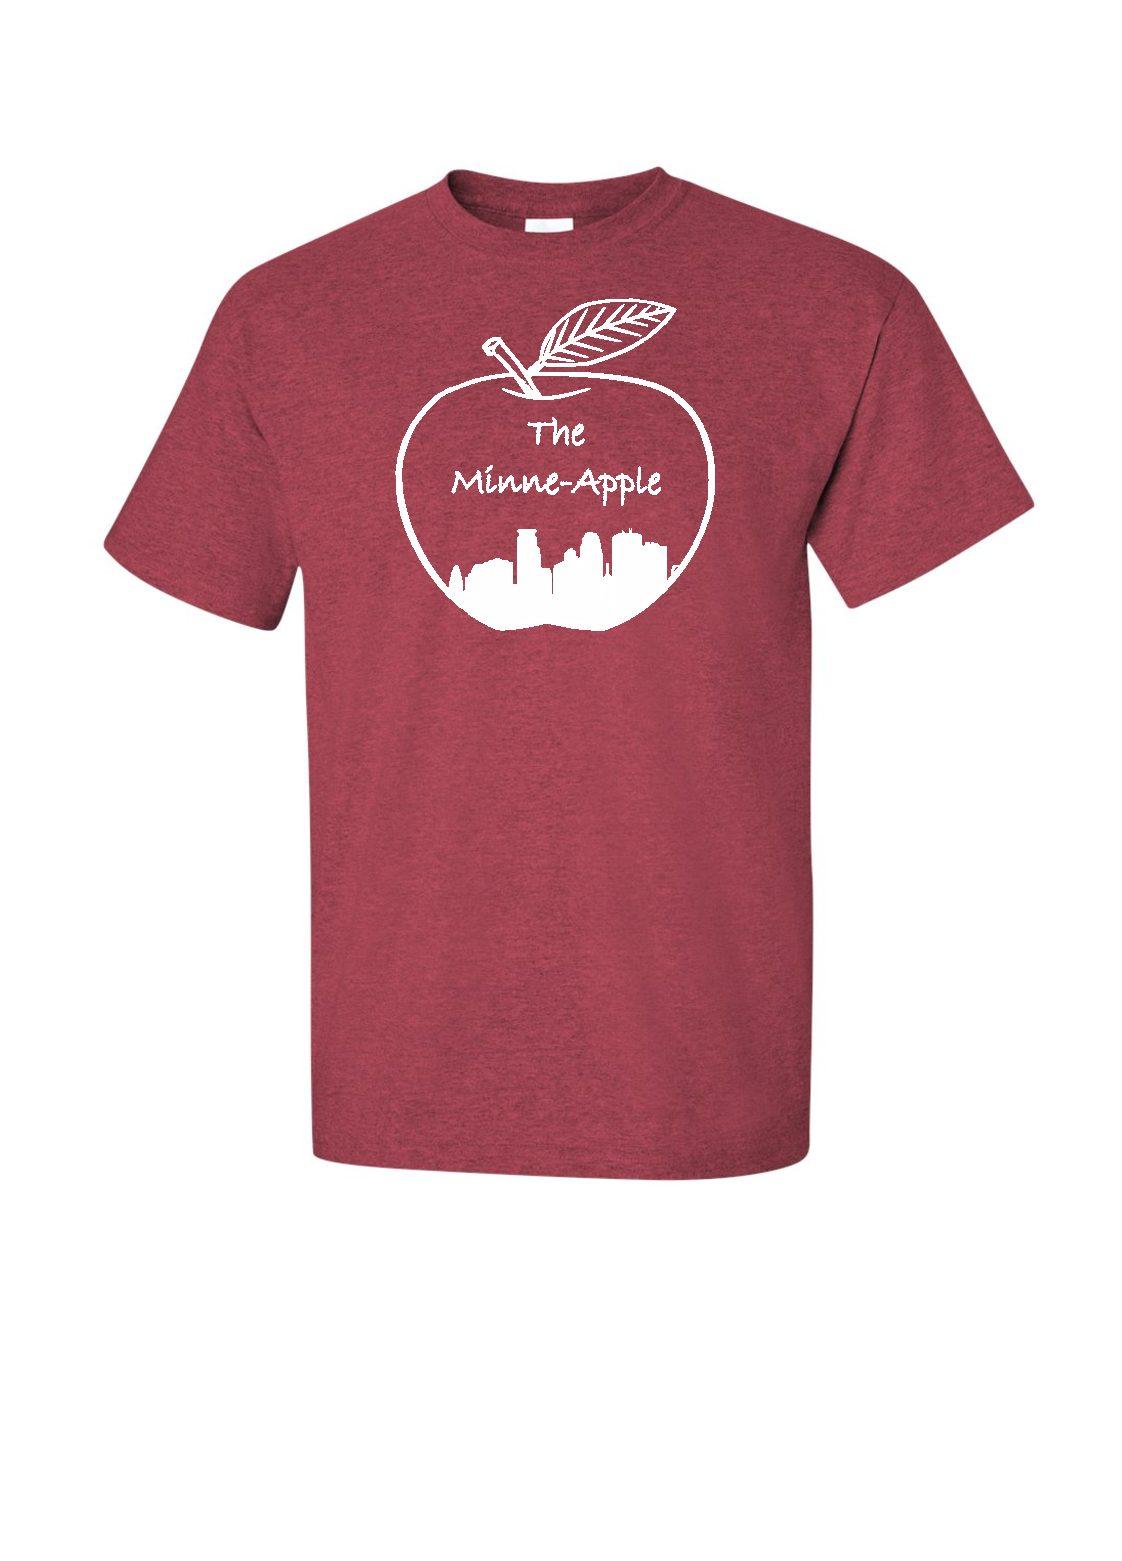 Minne Apple Minnesota T Shirts Sweatshirts With All Original